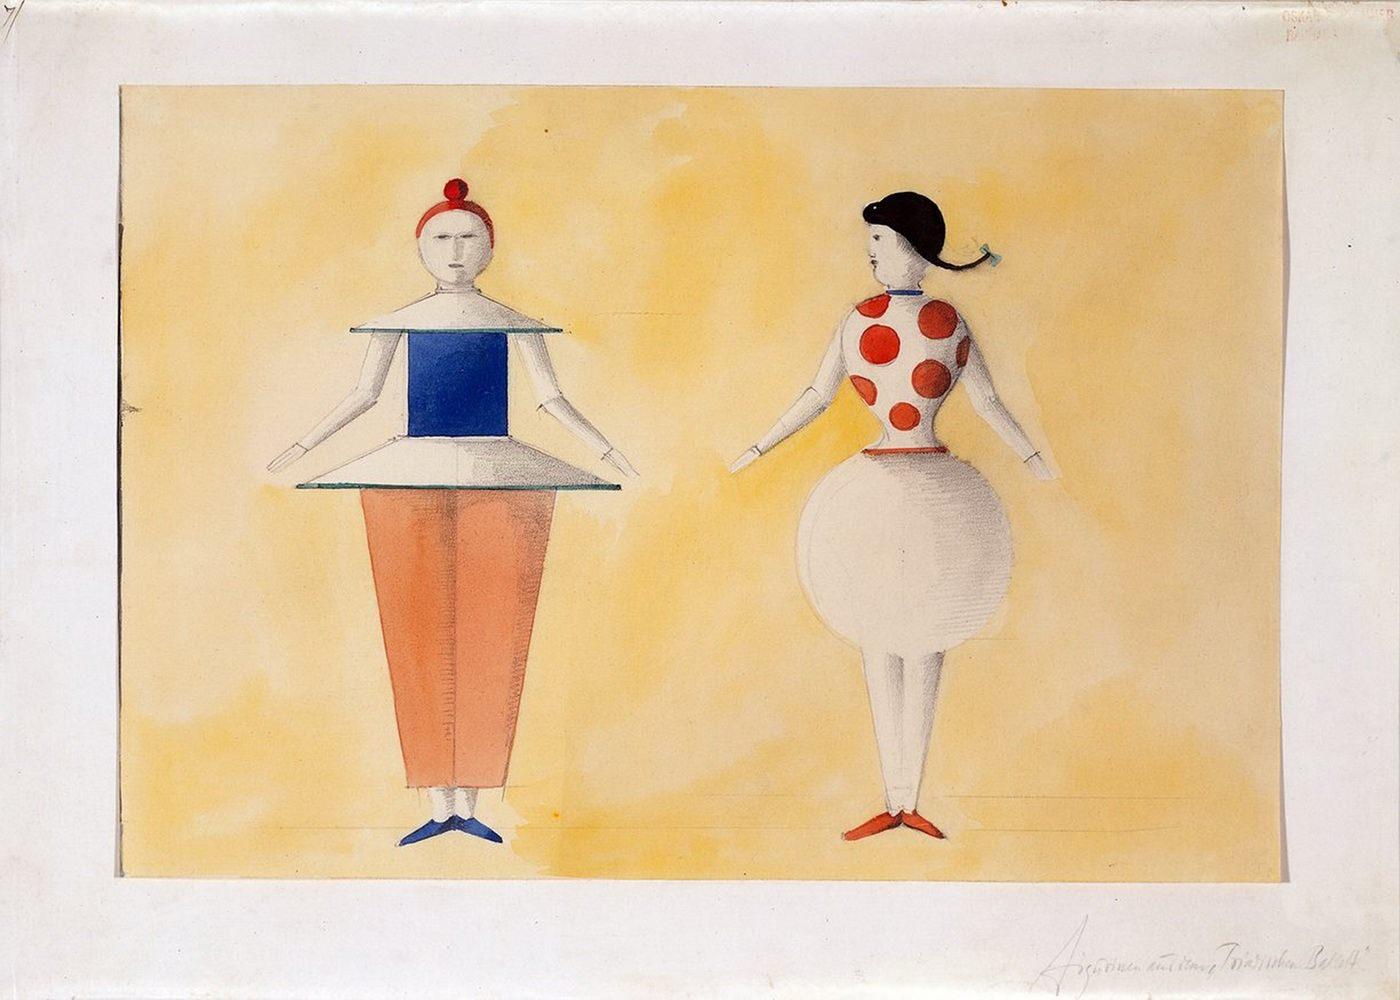 О. Шлеммер. Триадический балет. Две фигуры, 1919